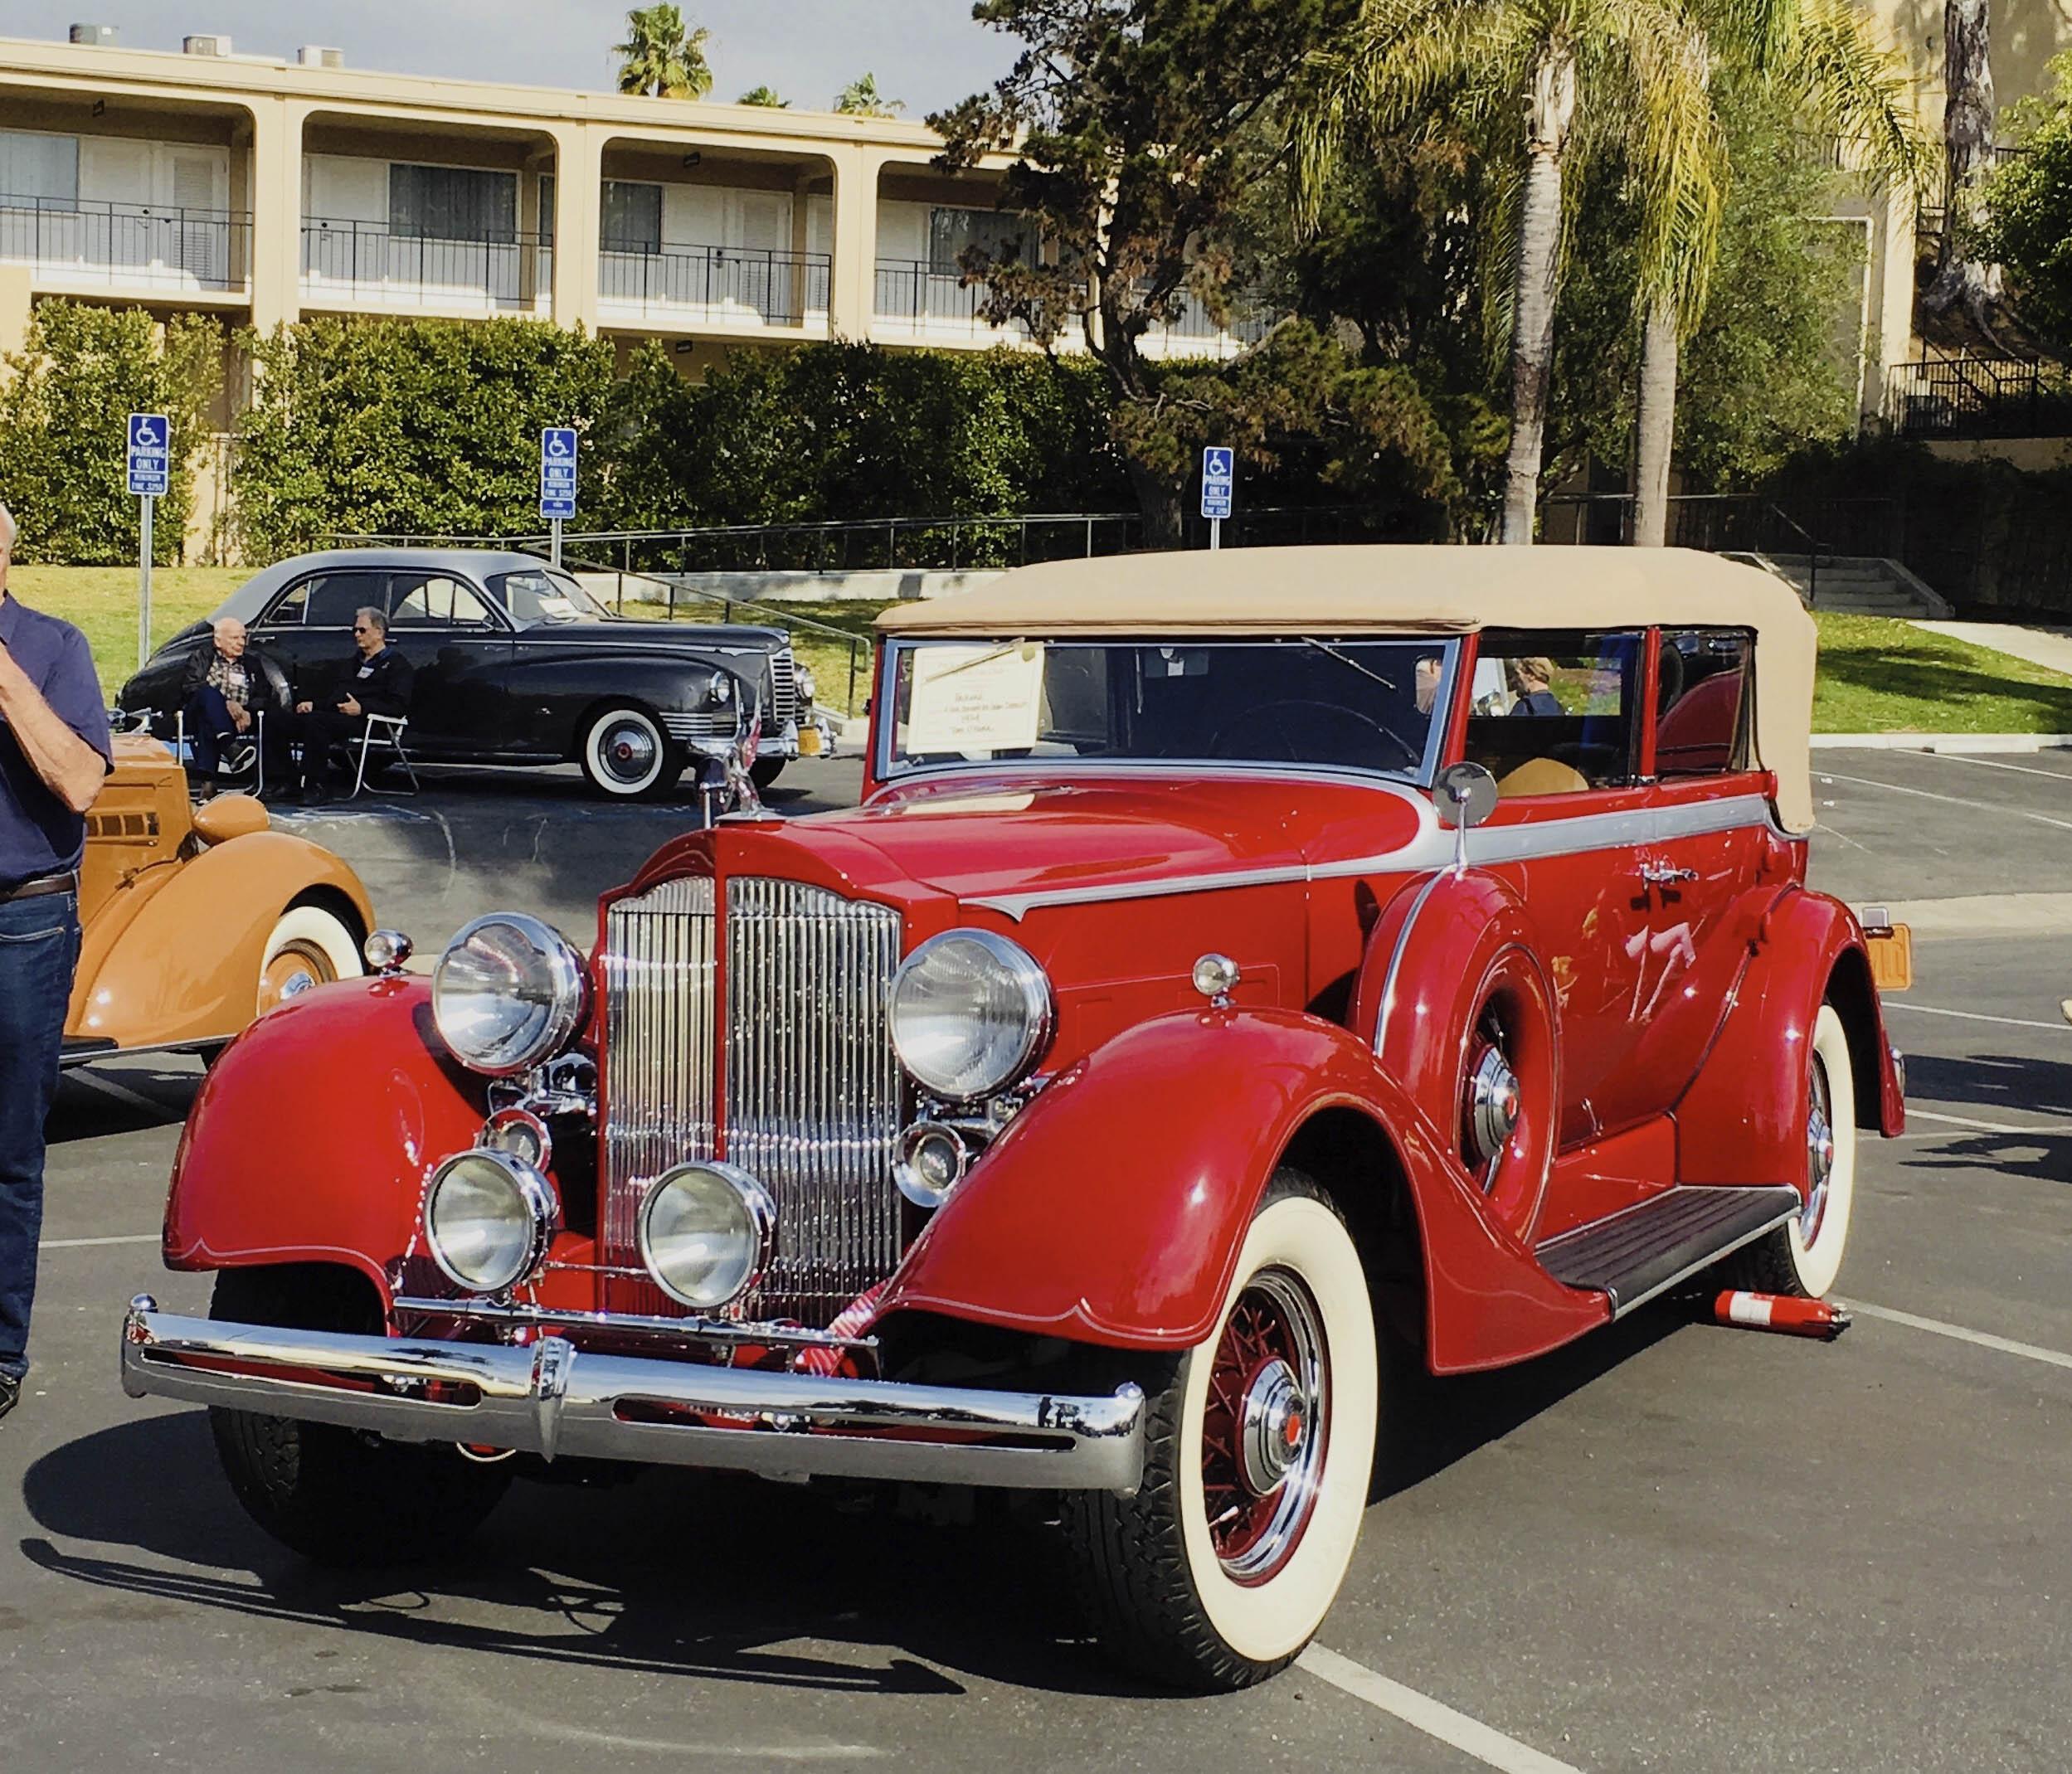 1934 Packard 1104 Dietrich convertible sedan